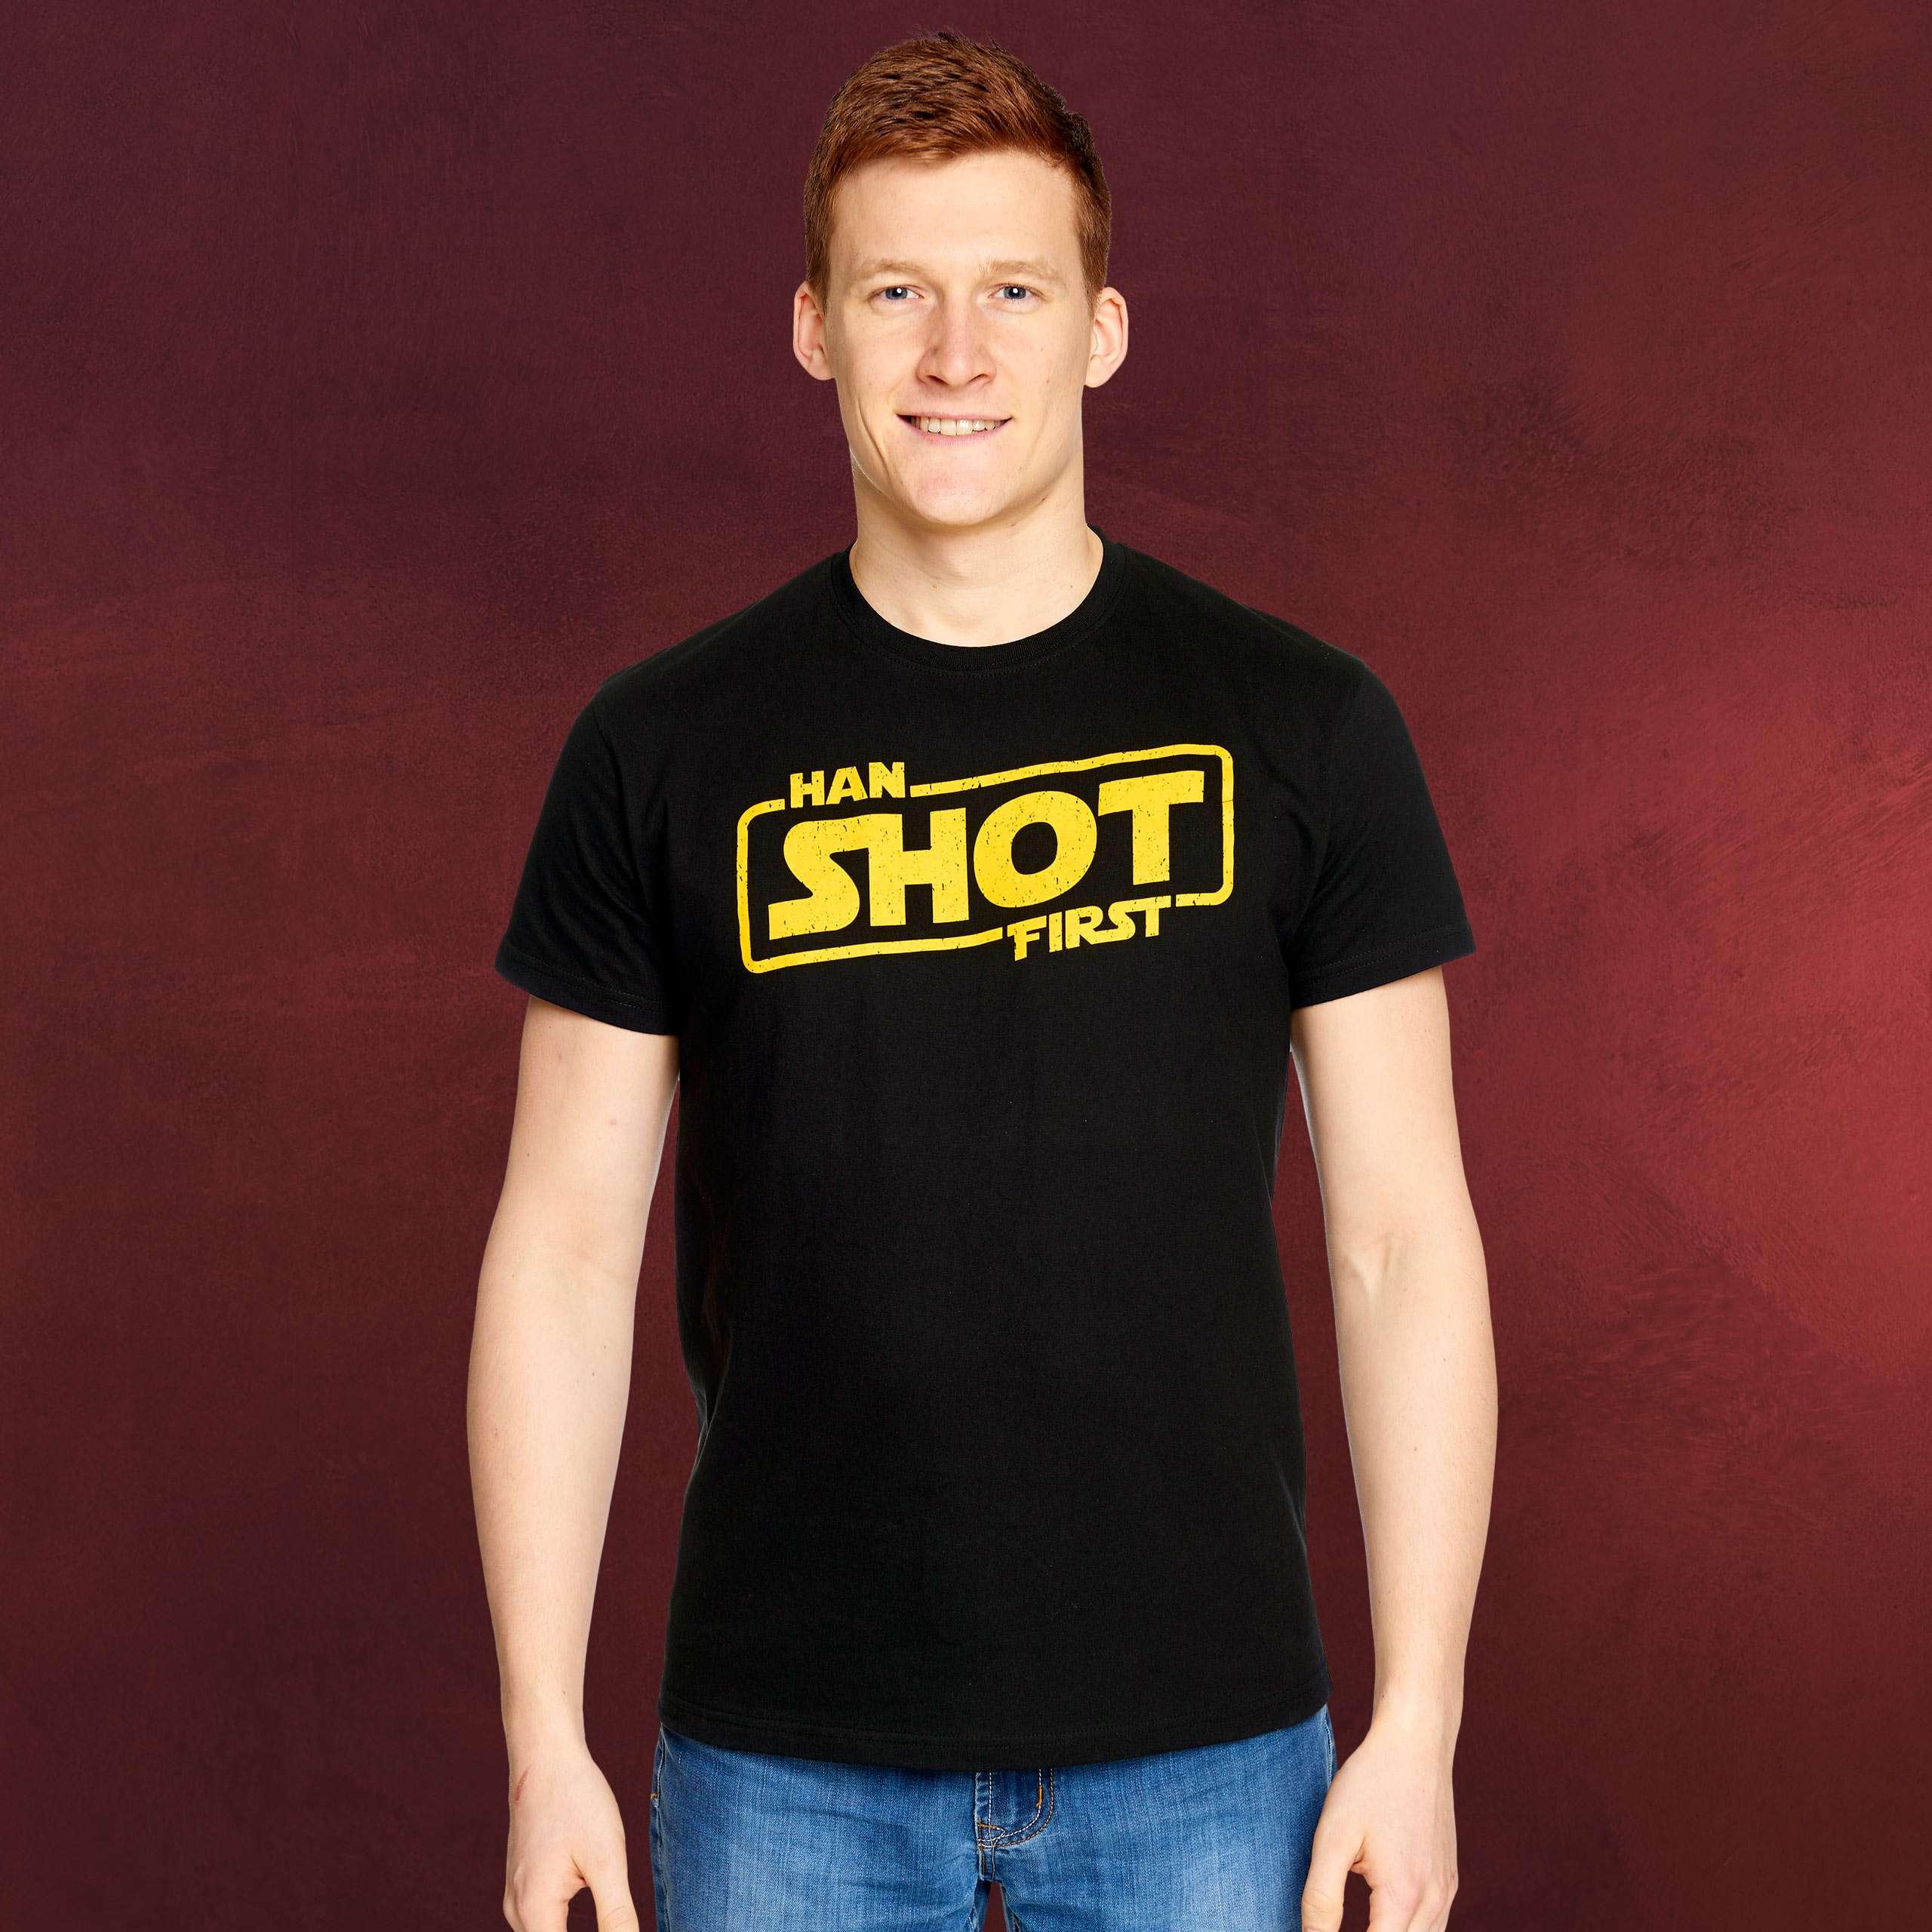 Han Shot First T-Shirt für Star Wars Fans | Elbenwald